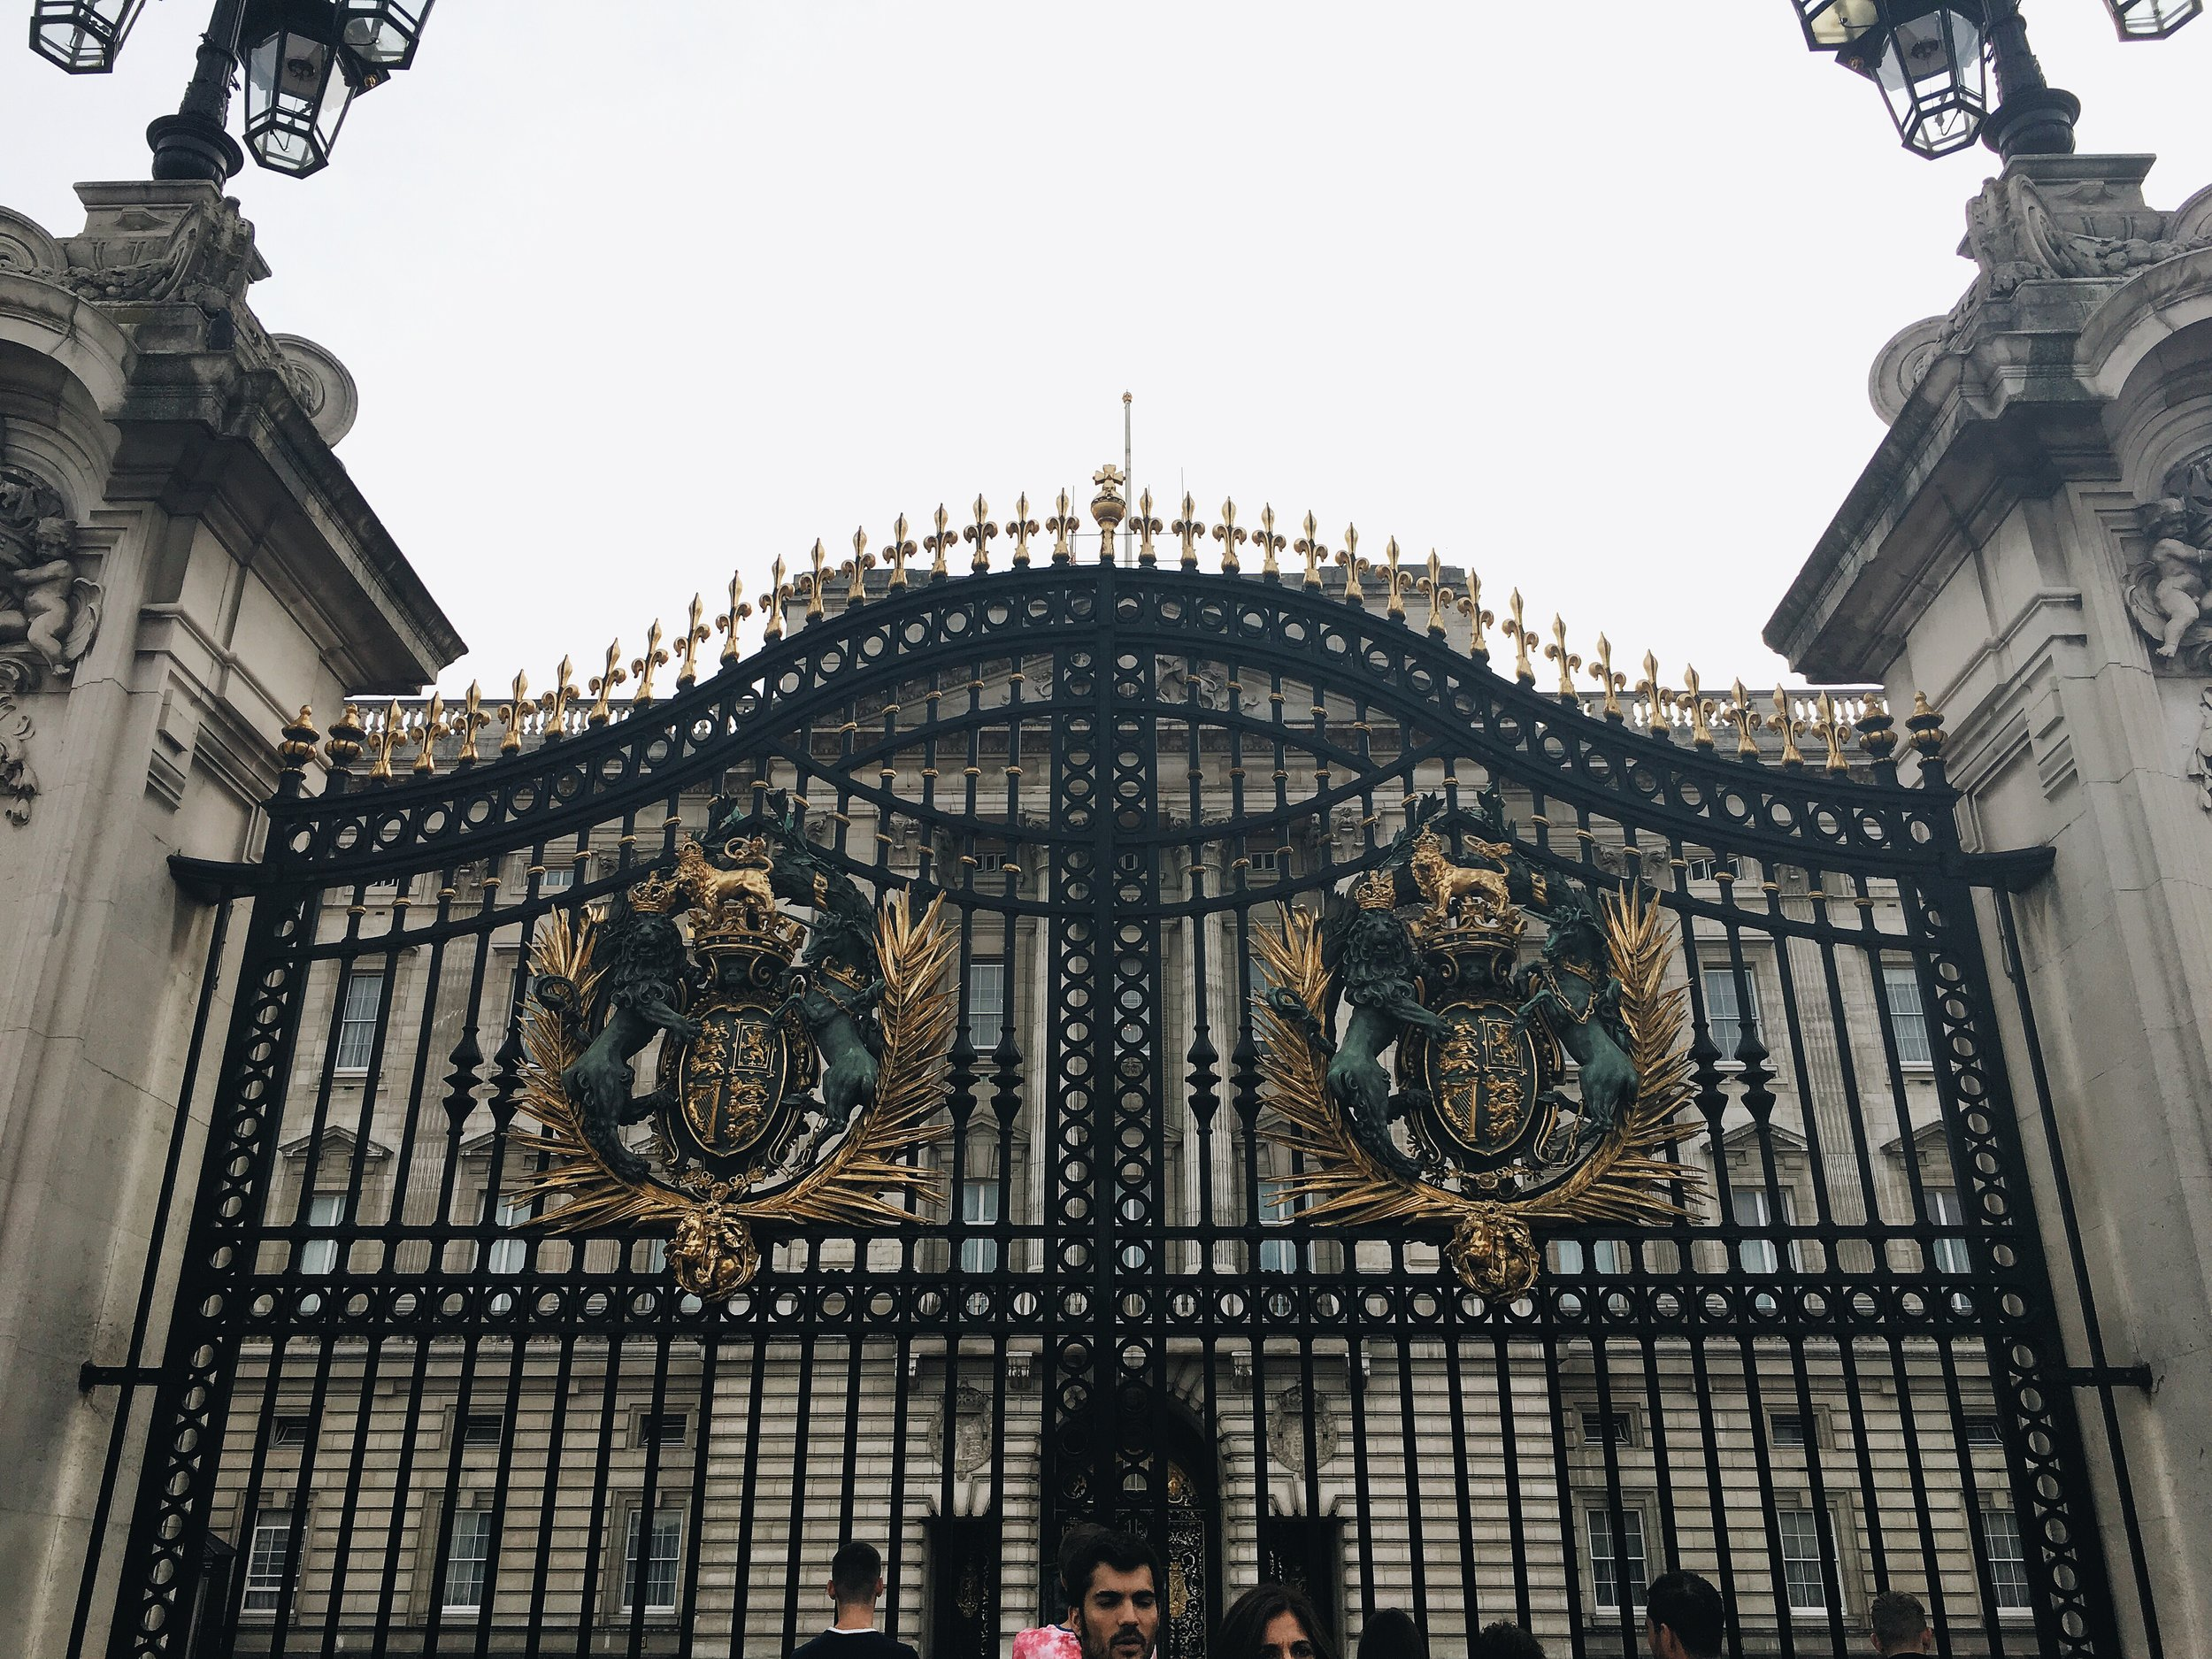 Buckingham, Palace